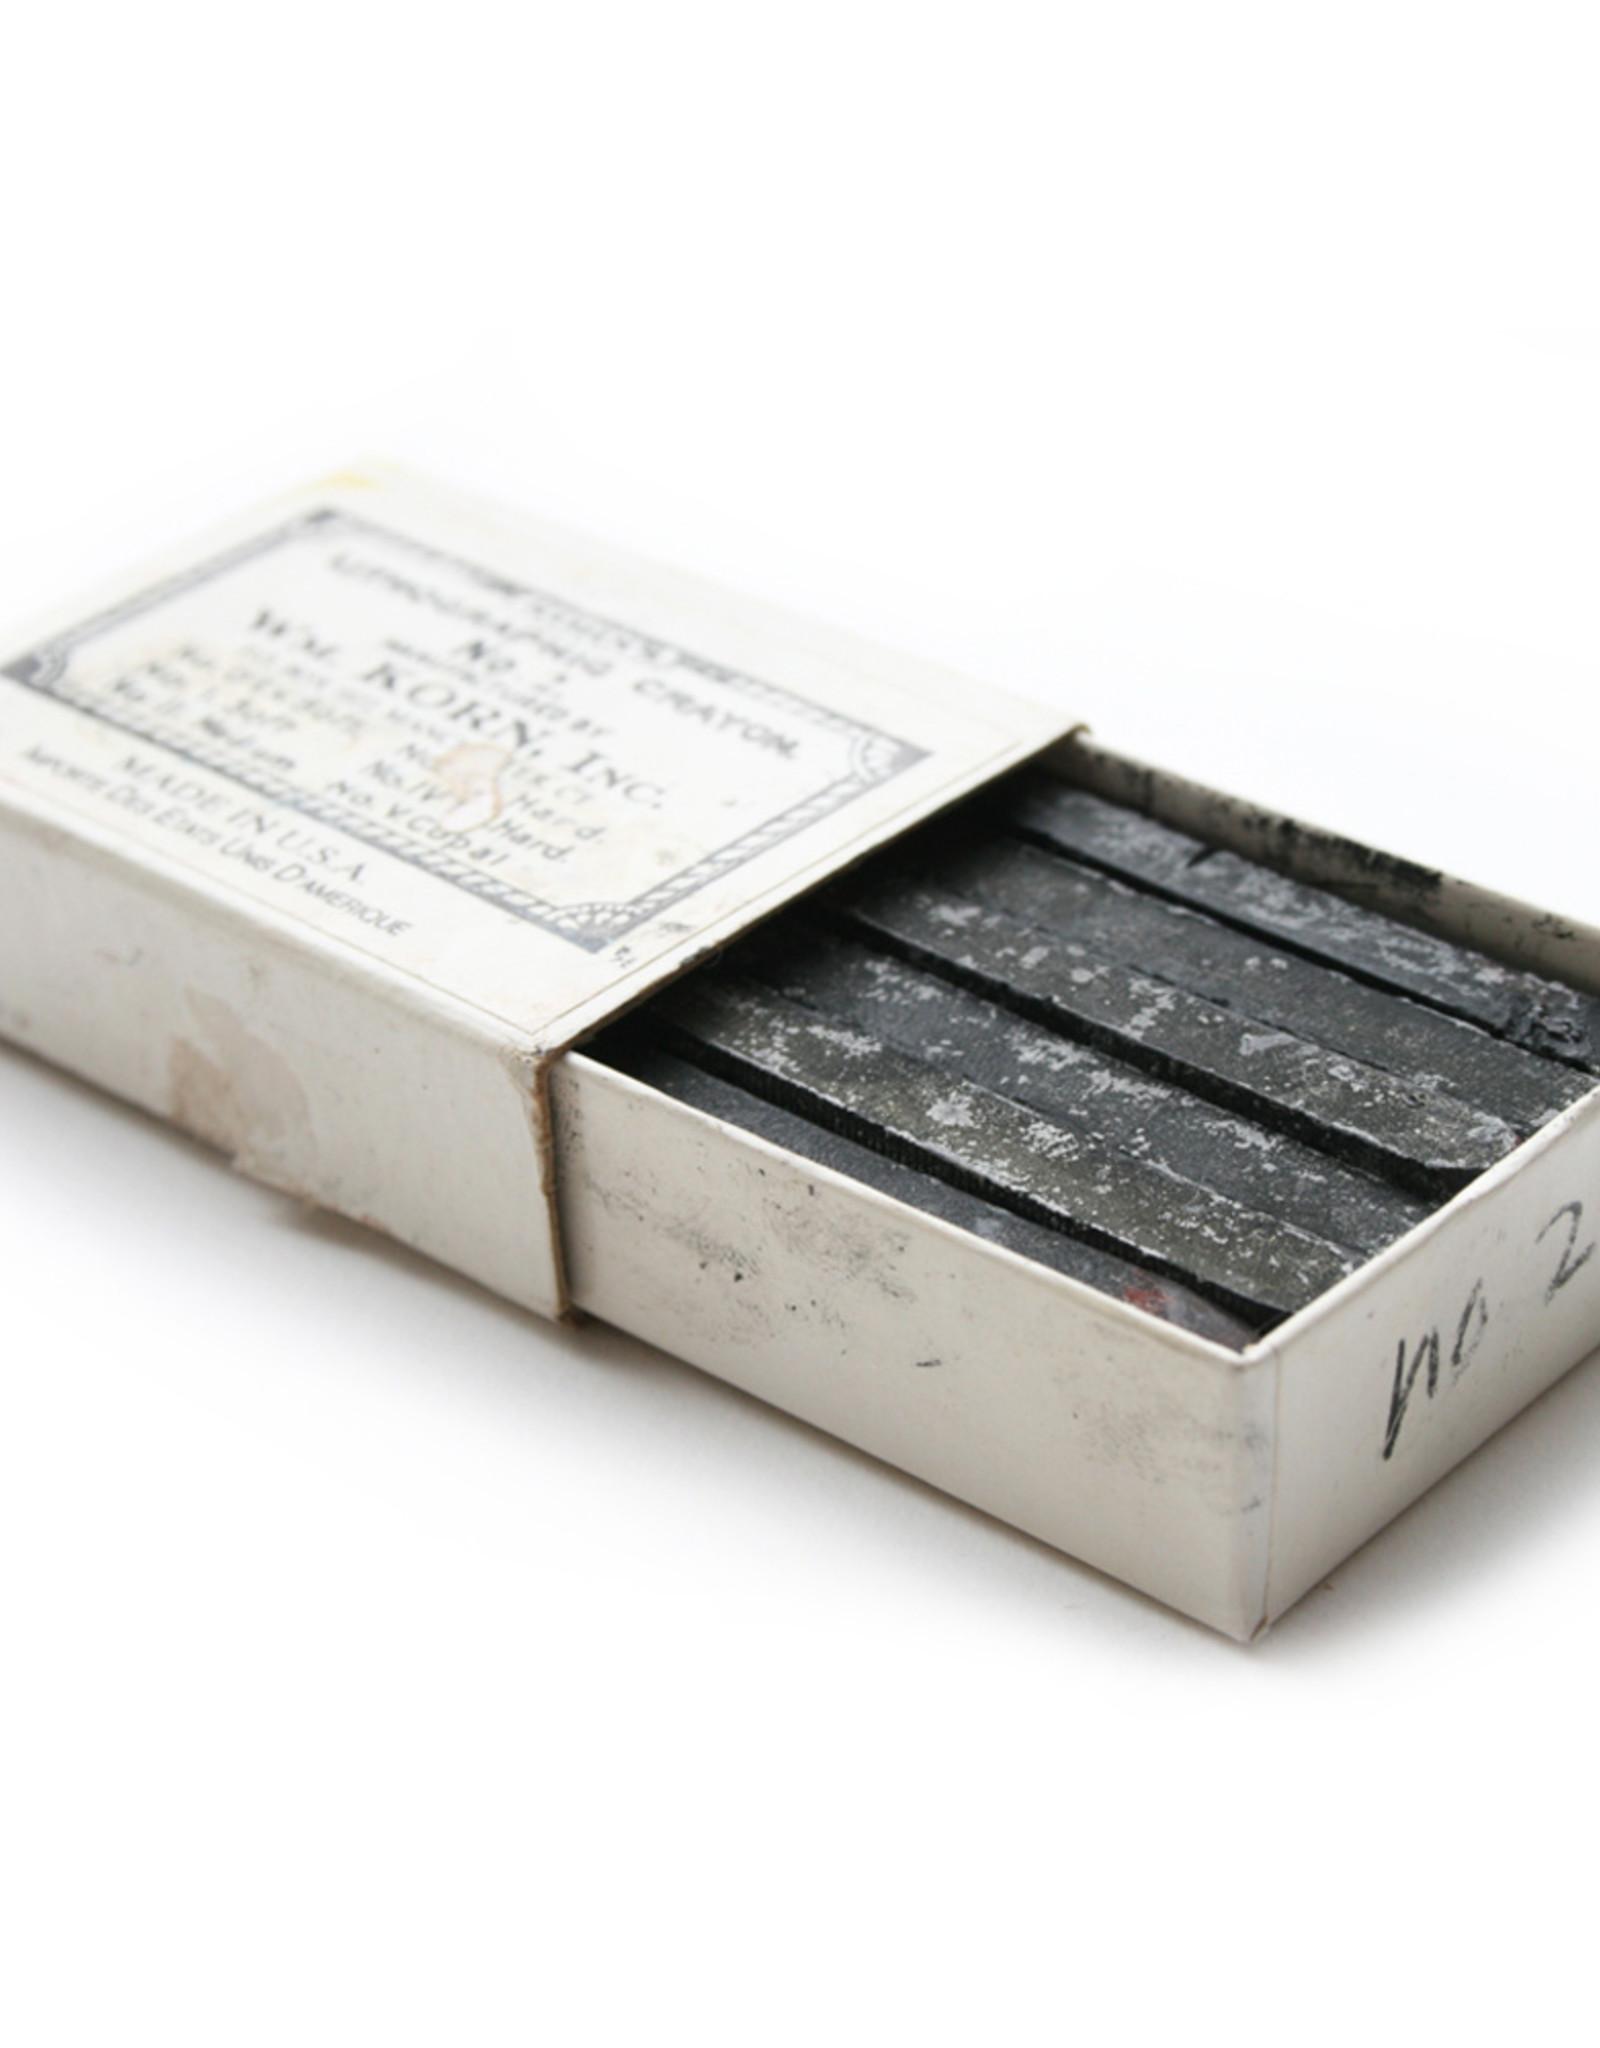 12 stuks lithokrijt staafje ±6cm lang Korn extra hard nummer 5. De harde krijtjes geven een lichte toonwaarde en de zachtere een zwaardere.